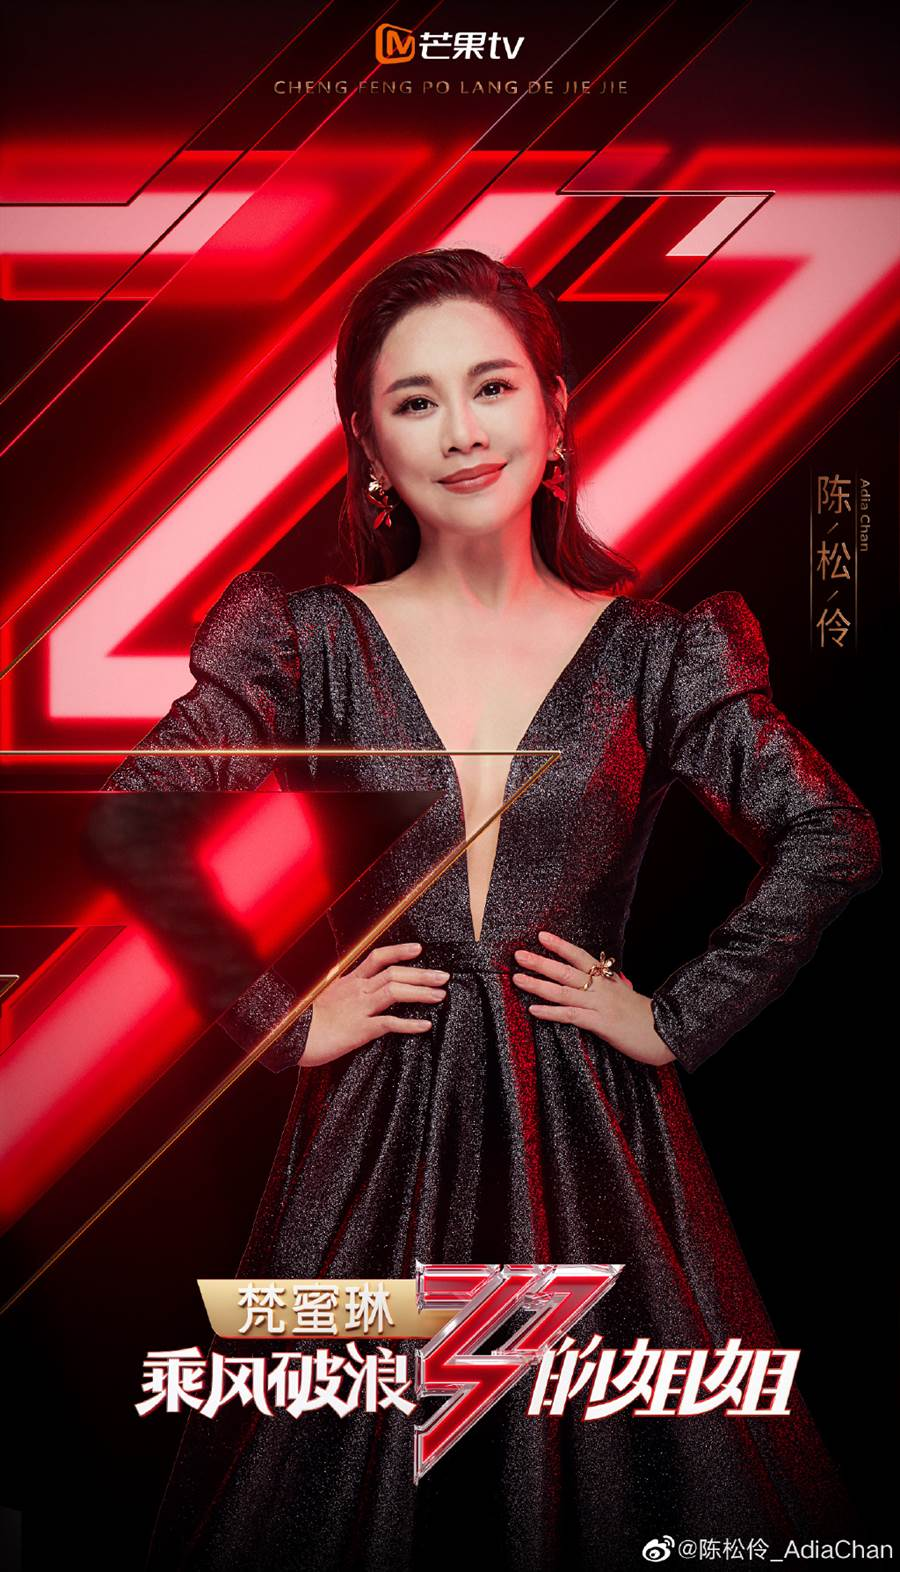 陳松伶參加《乘風破浪的姐姐》再度爆紅。(圖/翻攝自微博)